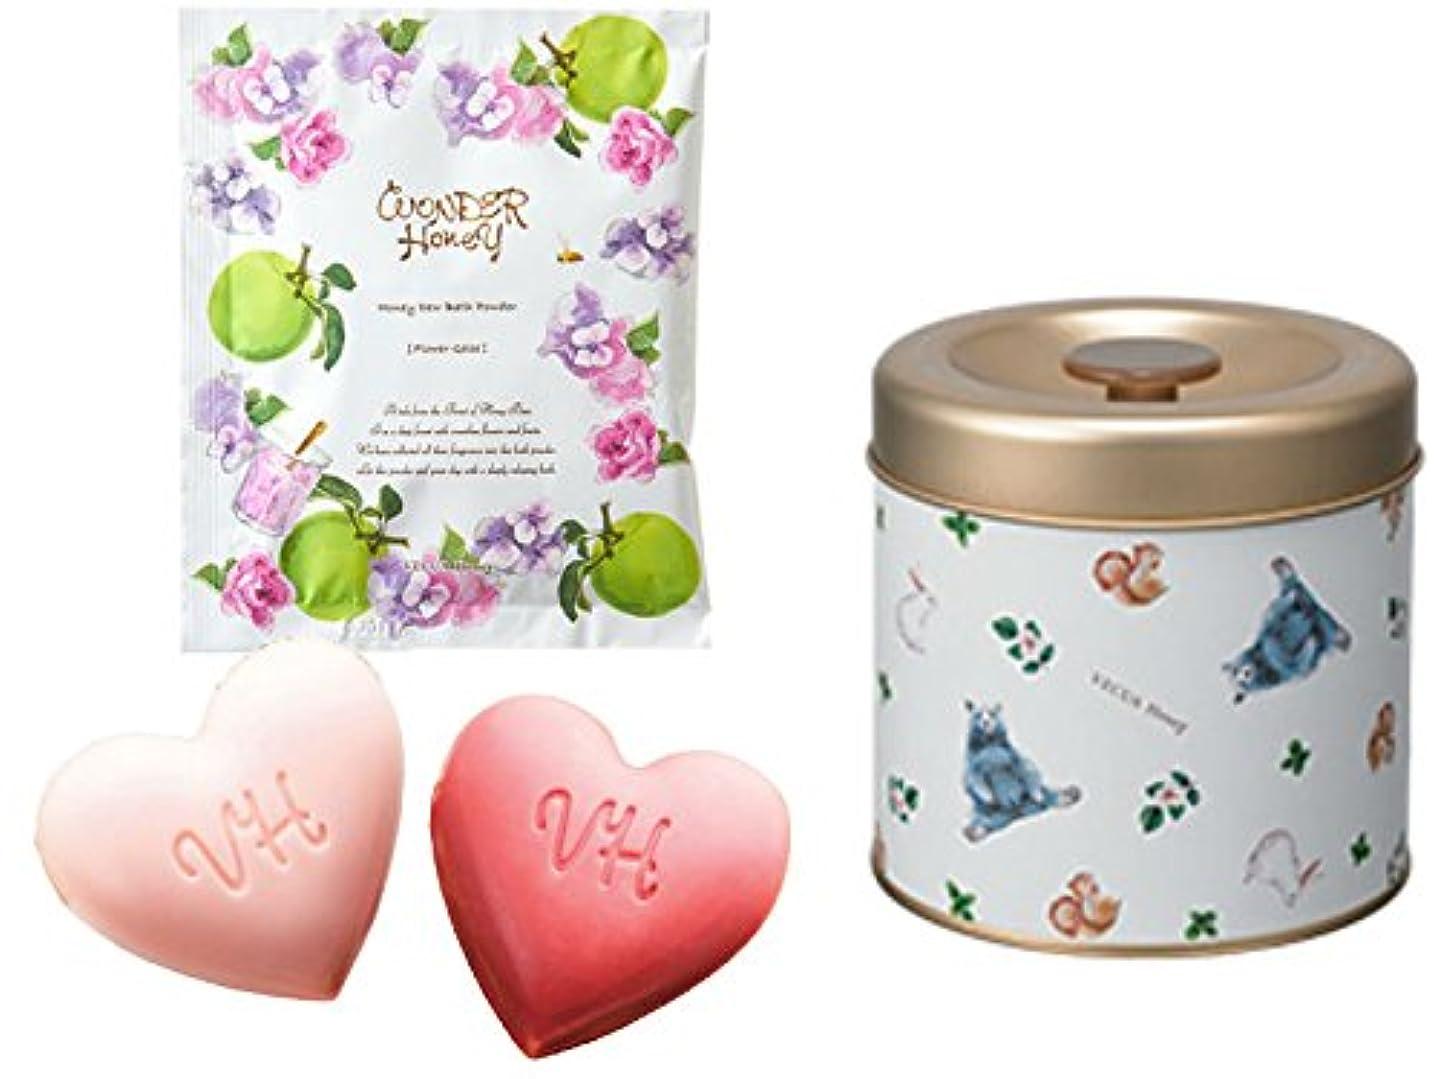 【ワンダーハニー】ハートフルなクリームソープ&蜜蜂の森のアロマバス ギフト セット (お花のジュレの香り)